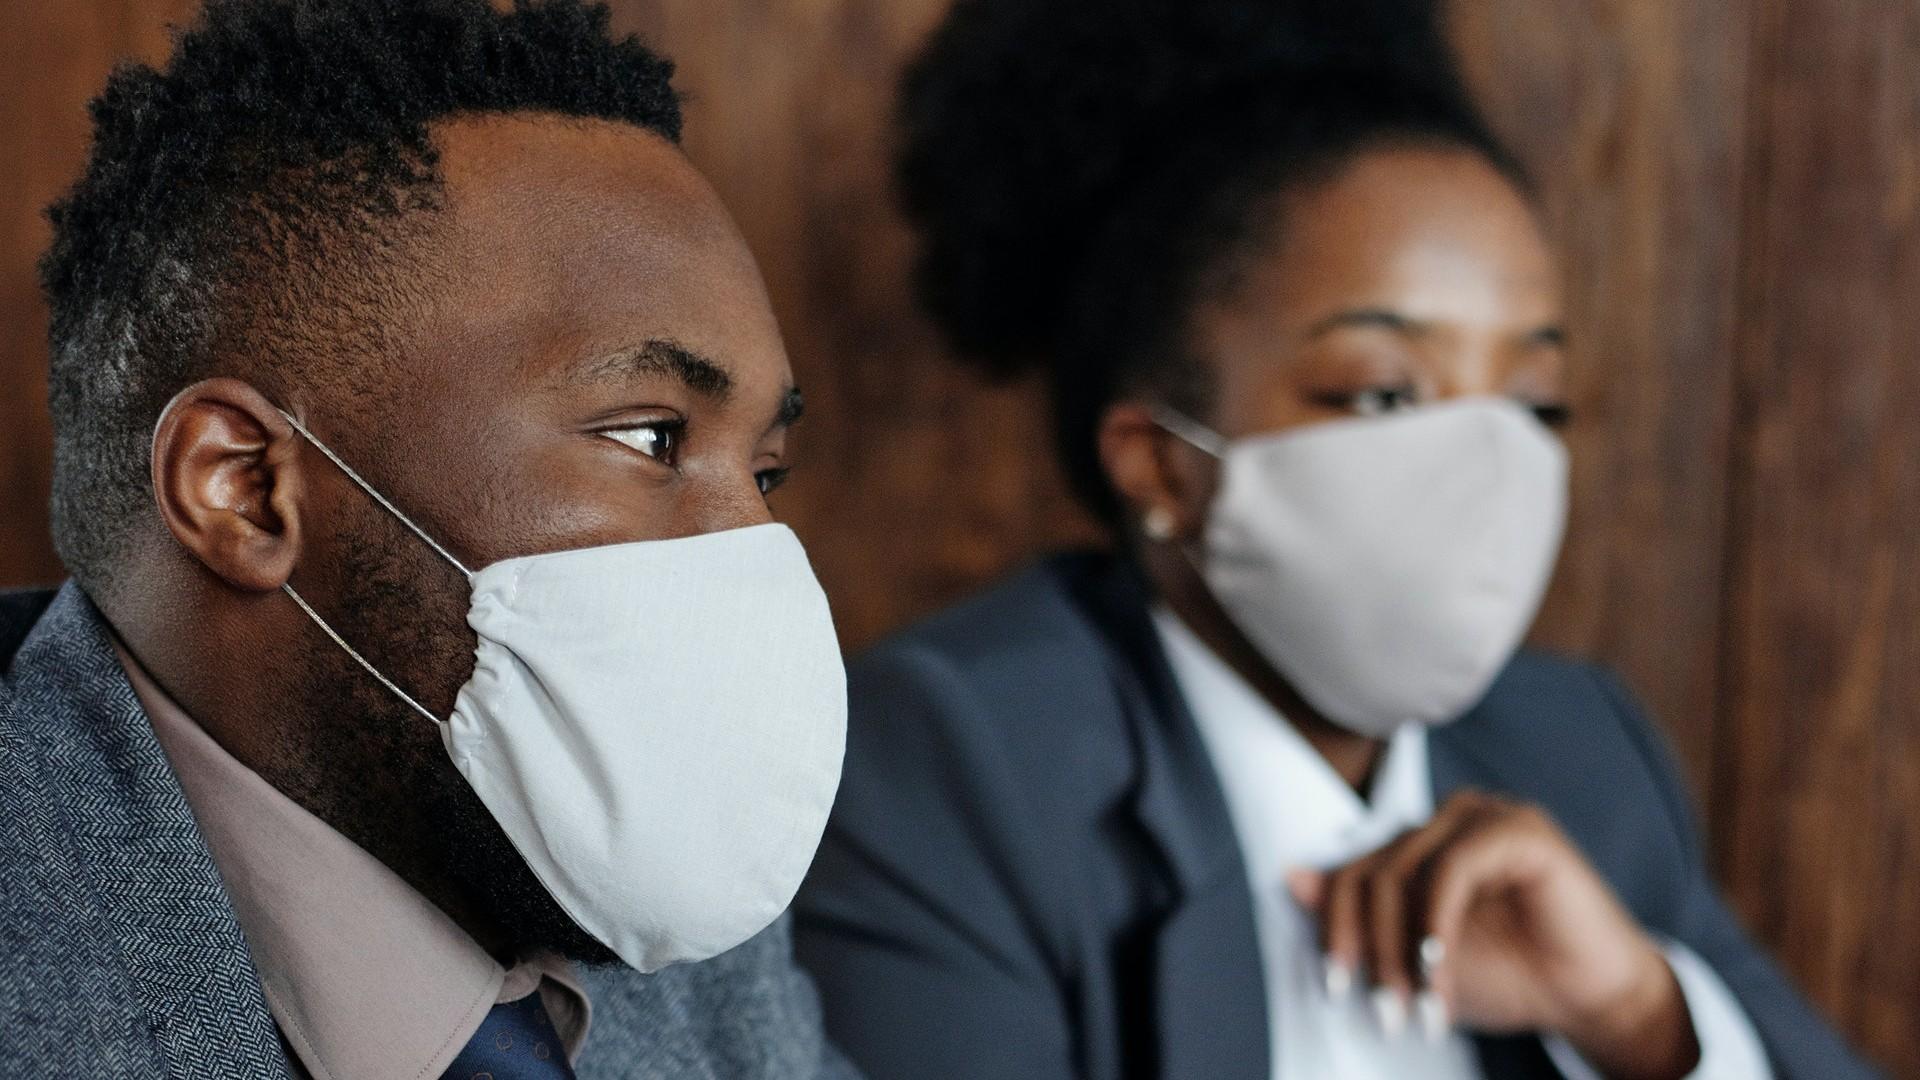 Le masque en intérieur est-il obligatoire même avec un pass sanitaire ?